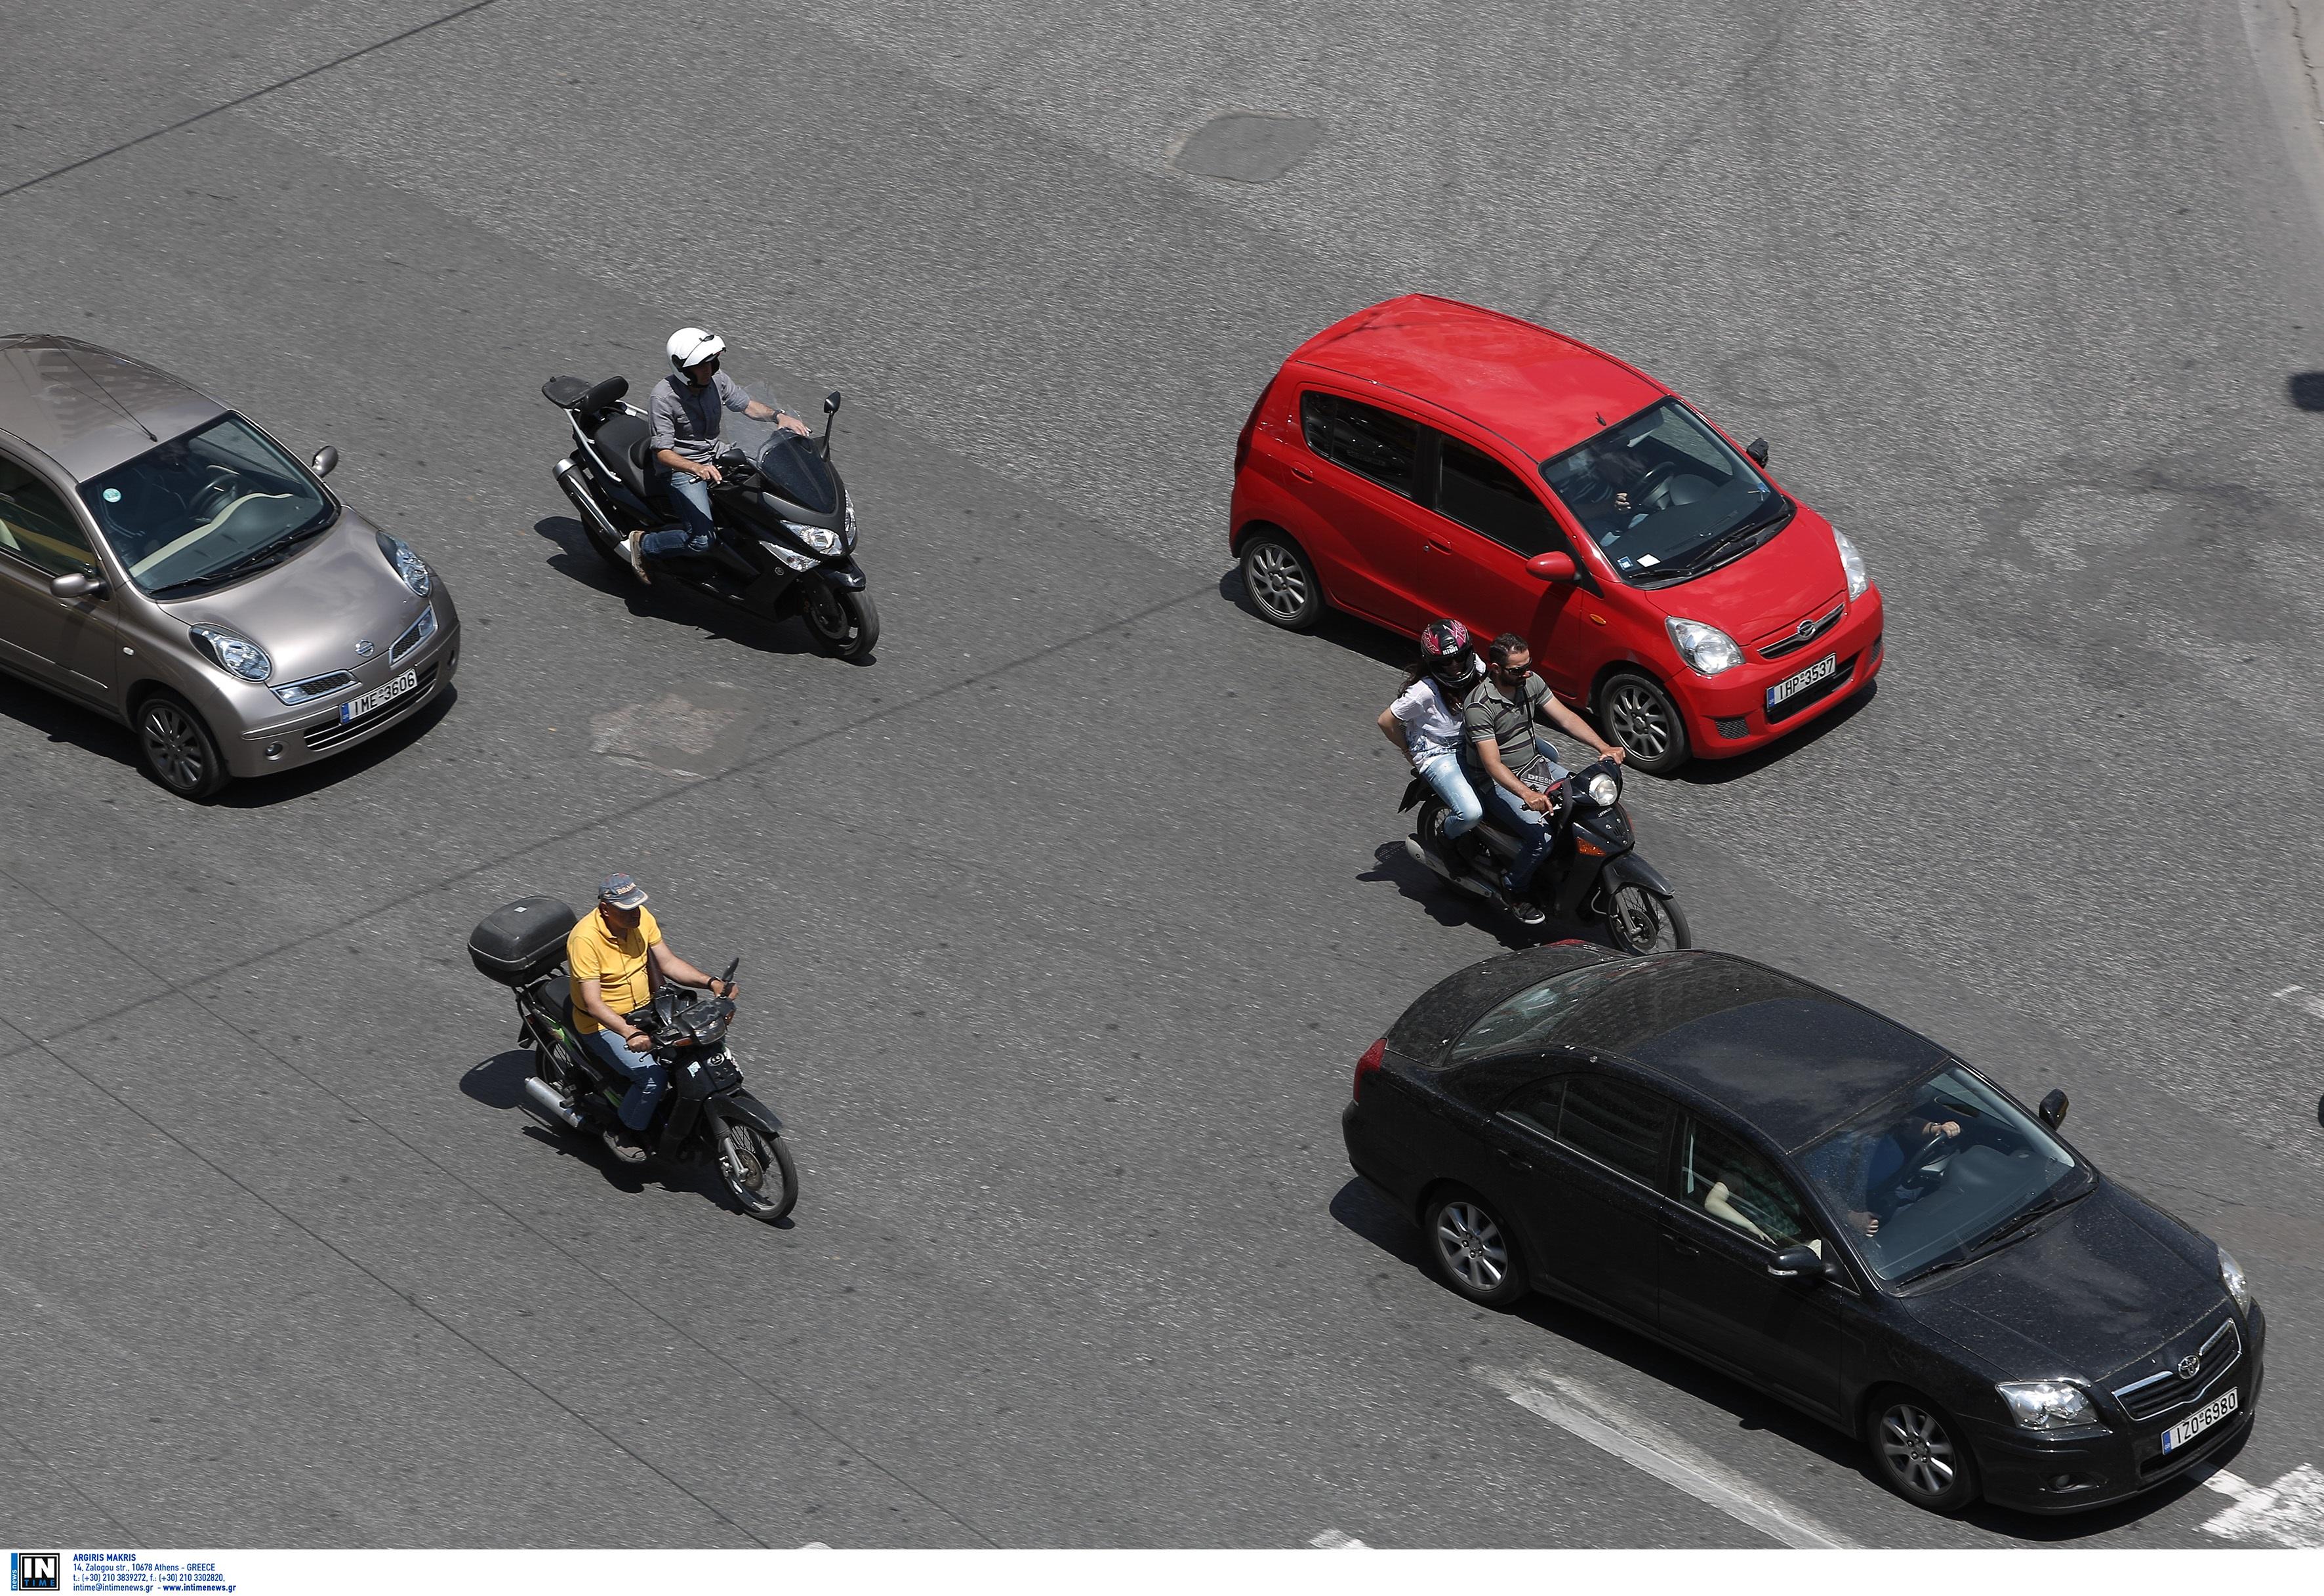 Παρατείνεται η ισχύς για άδειες οδήγησης και πιστοποιητικά Επαγγελματικής Ικανότητας